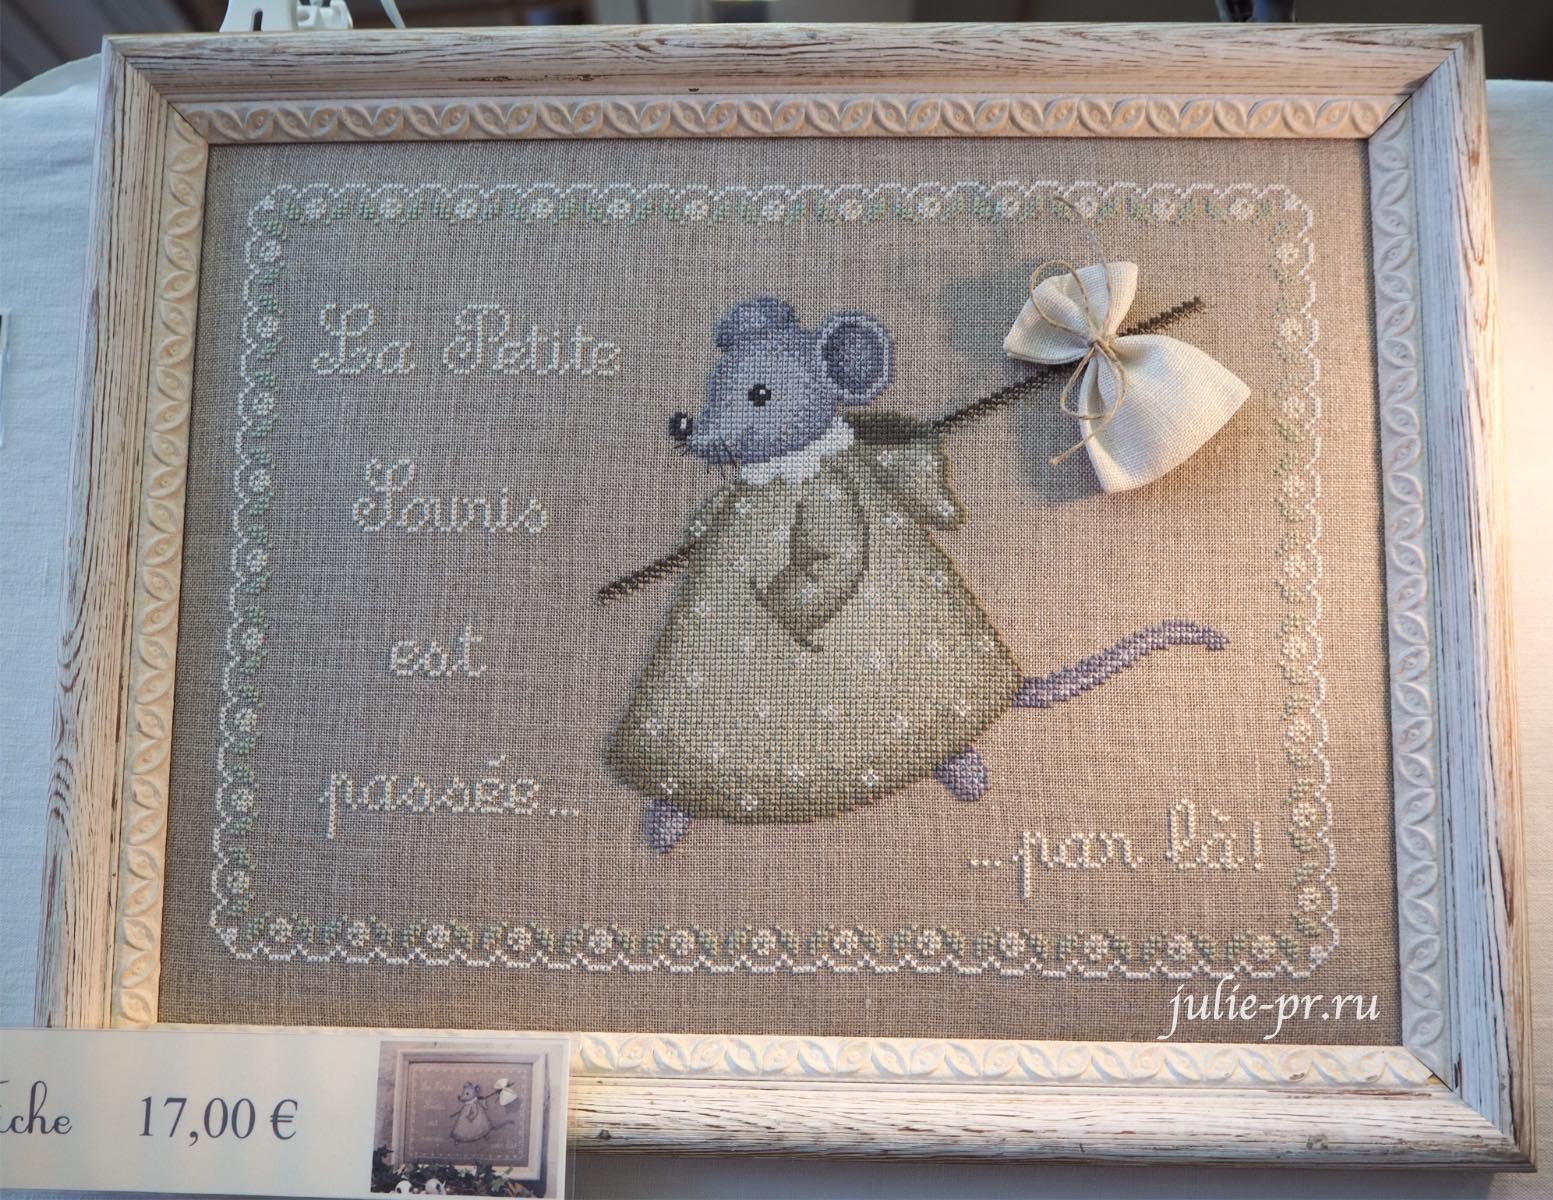 Le lin d'Isabelle - La petite souris est passee, вышивка крестом, Création autour du fil